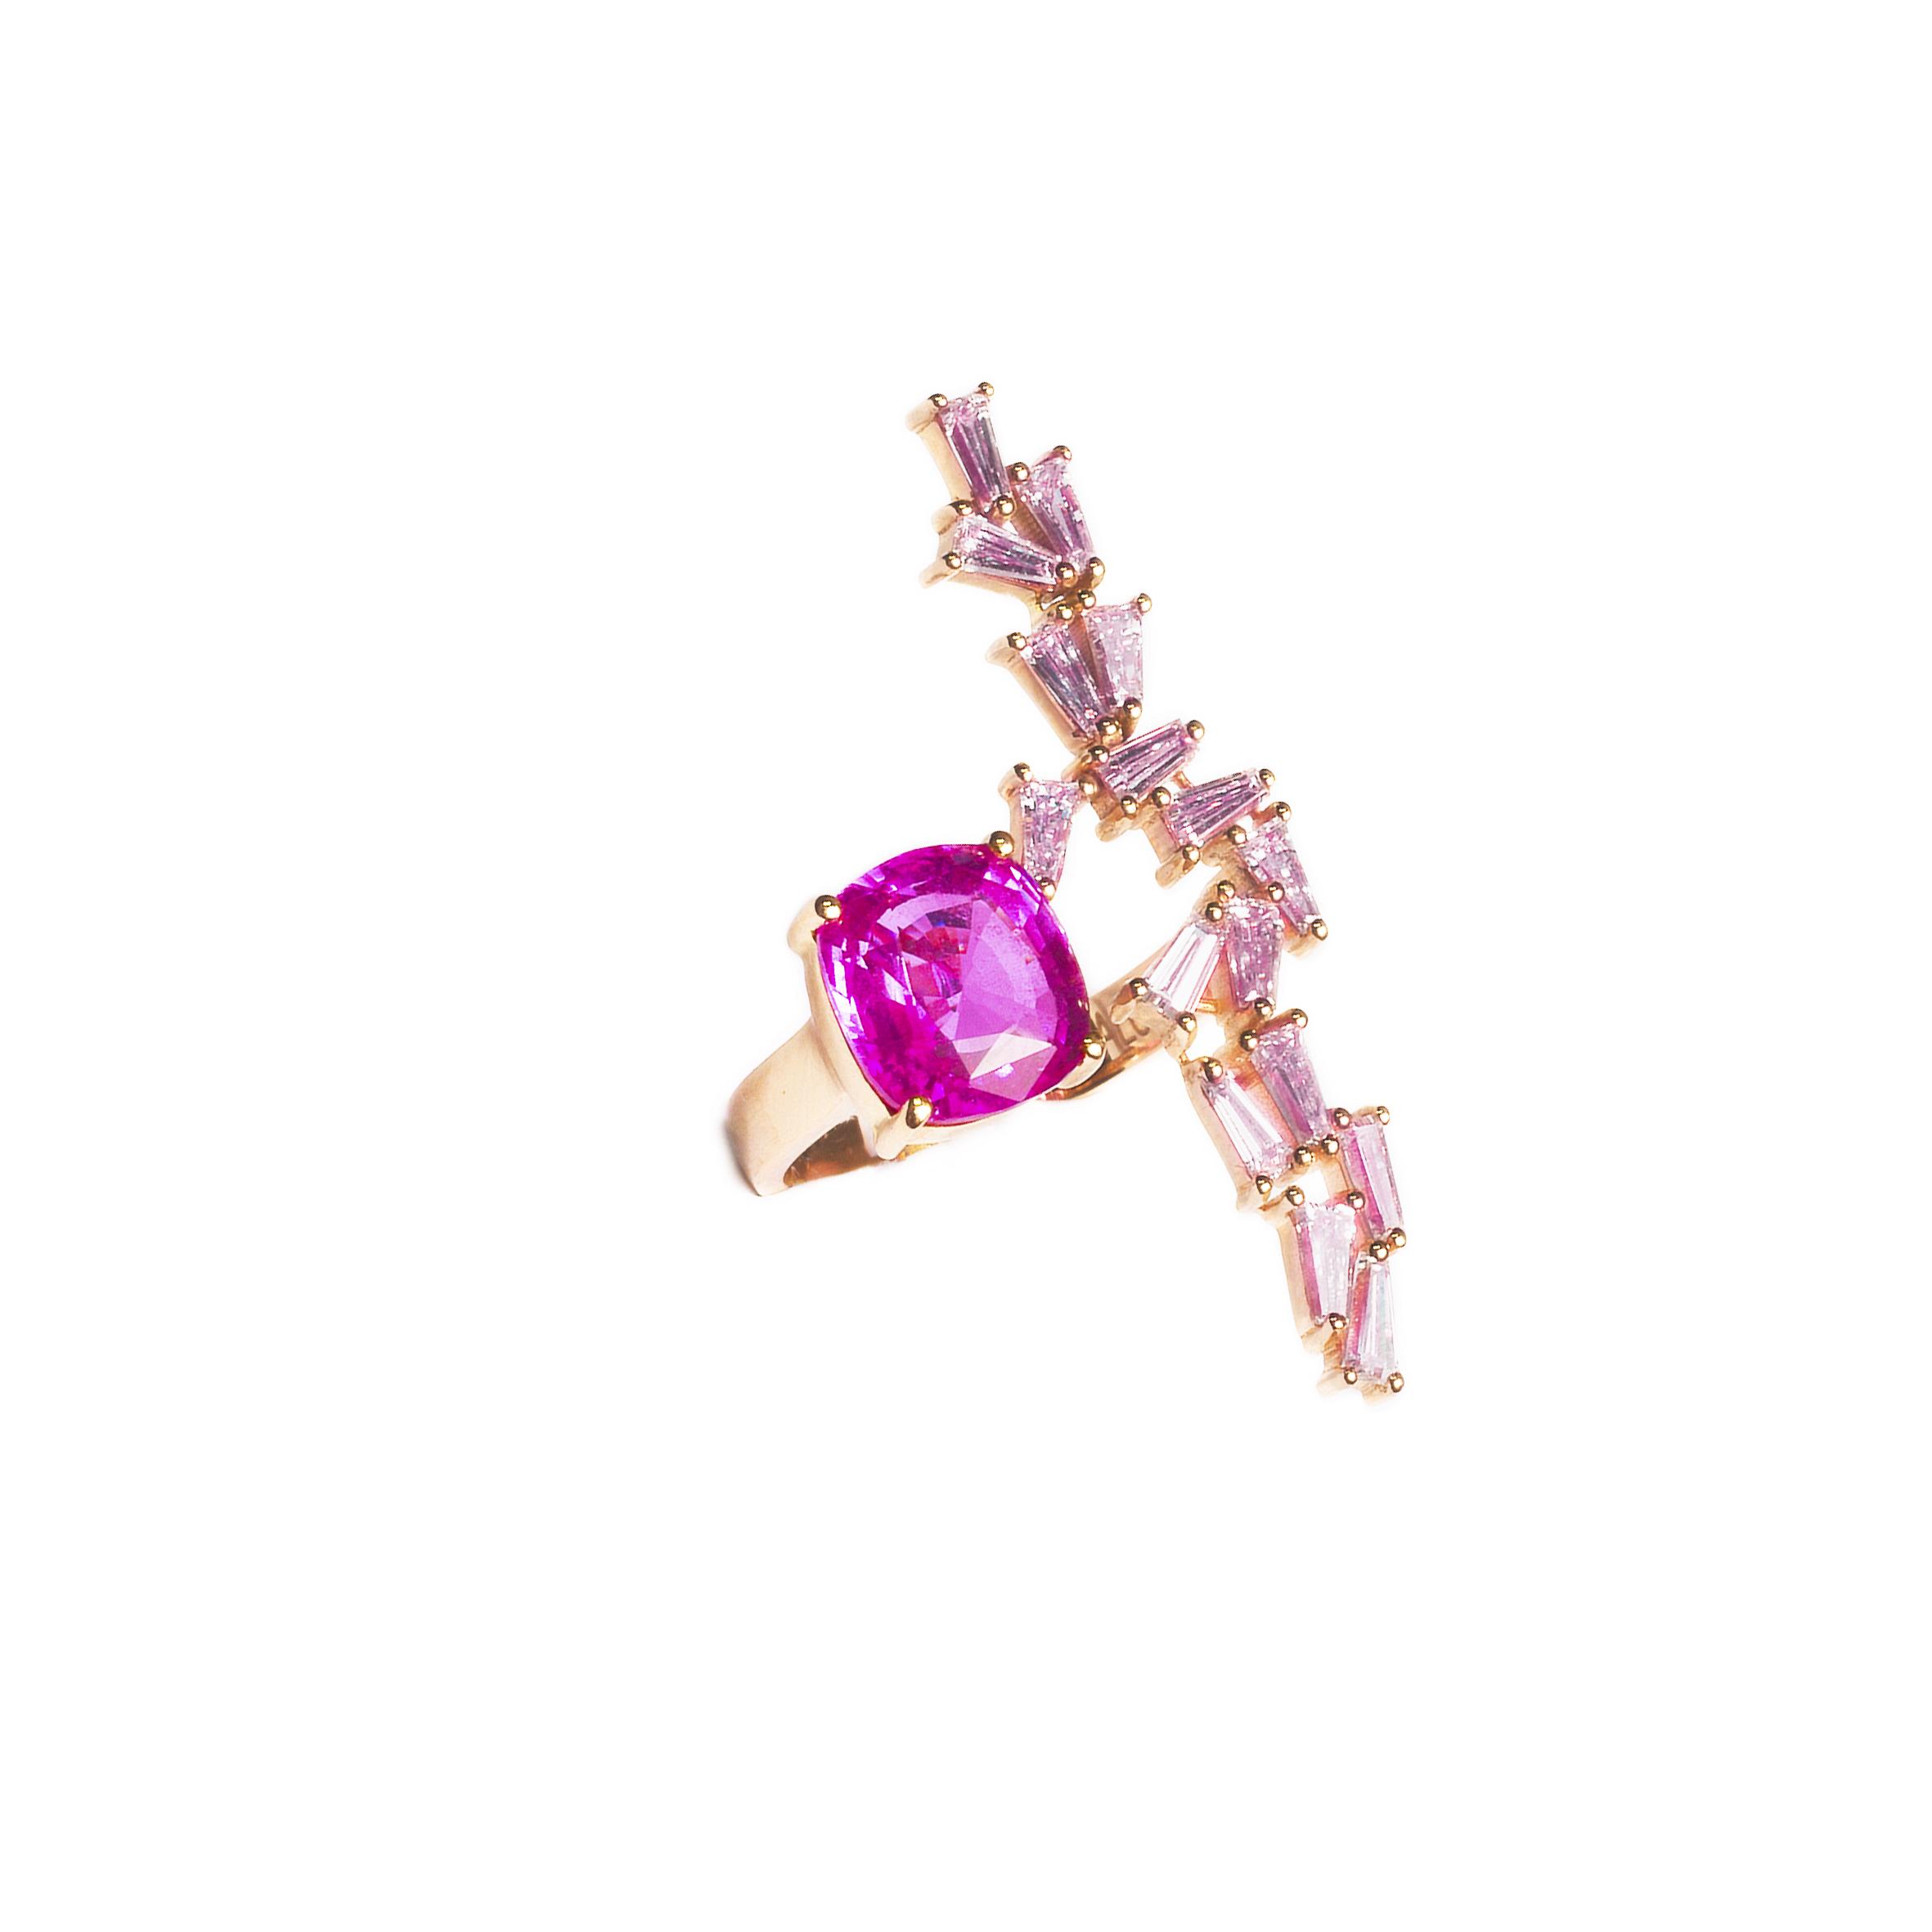 斯里兰卡天然素面粉色蓝宝石(4.53克拉)戒指,配镶长方形切割与梯形切割钻石(总重2.30克拉),18K玫瑰金镶嵌。